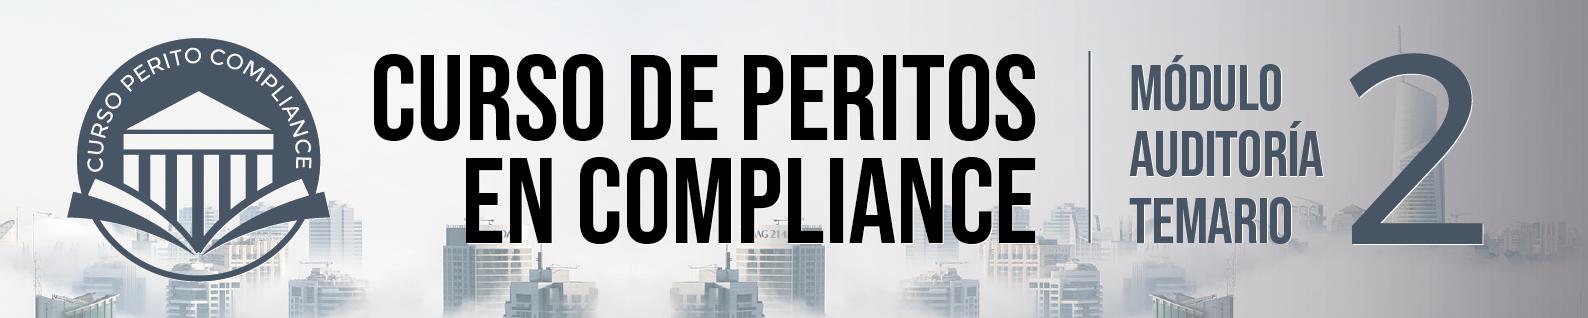 Segundo Módulo del Curso de Peritos en Compliance - Ponentes